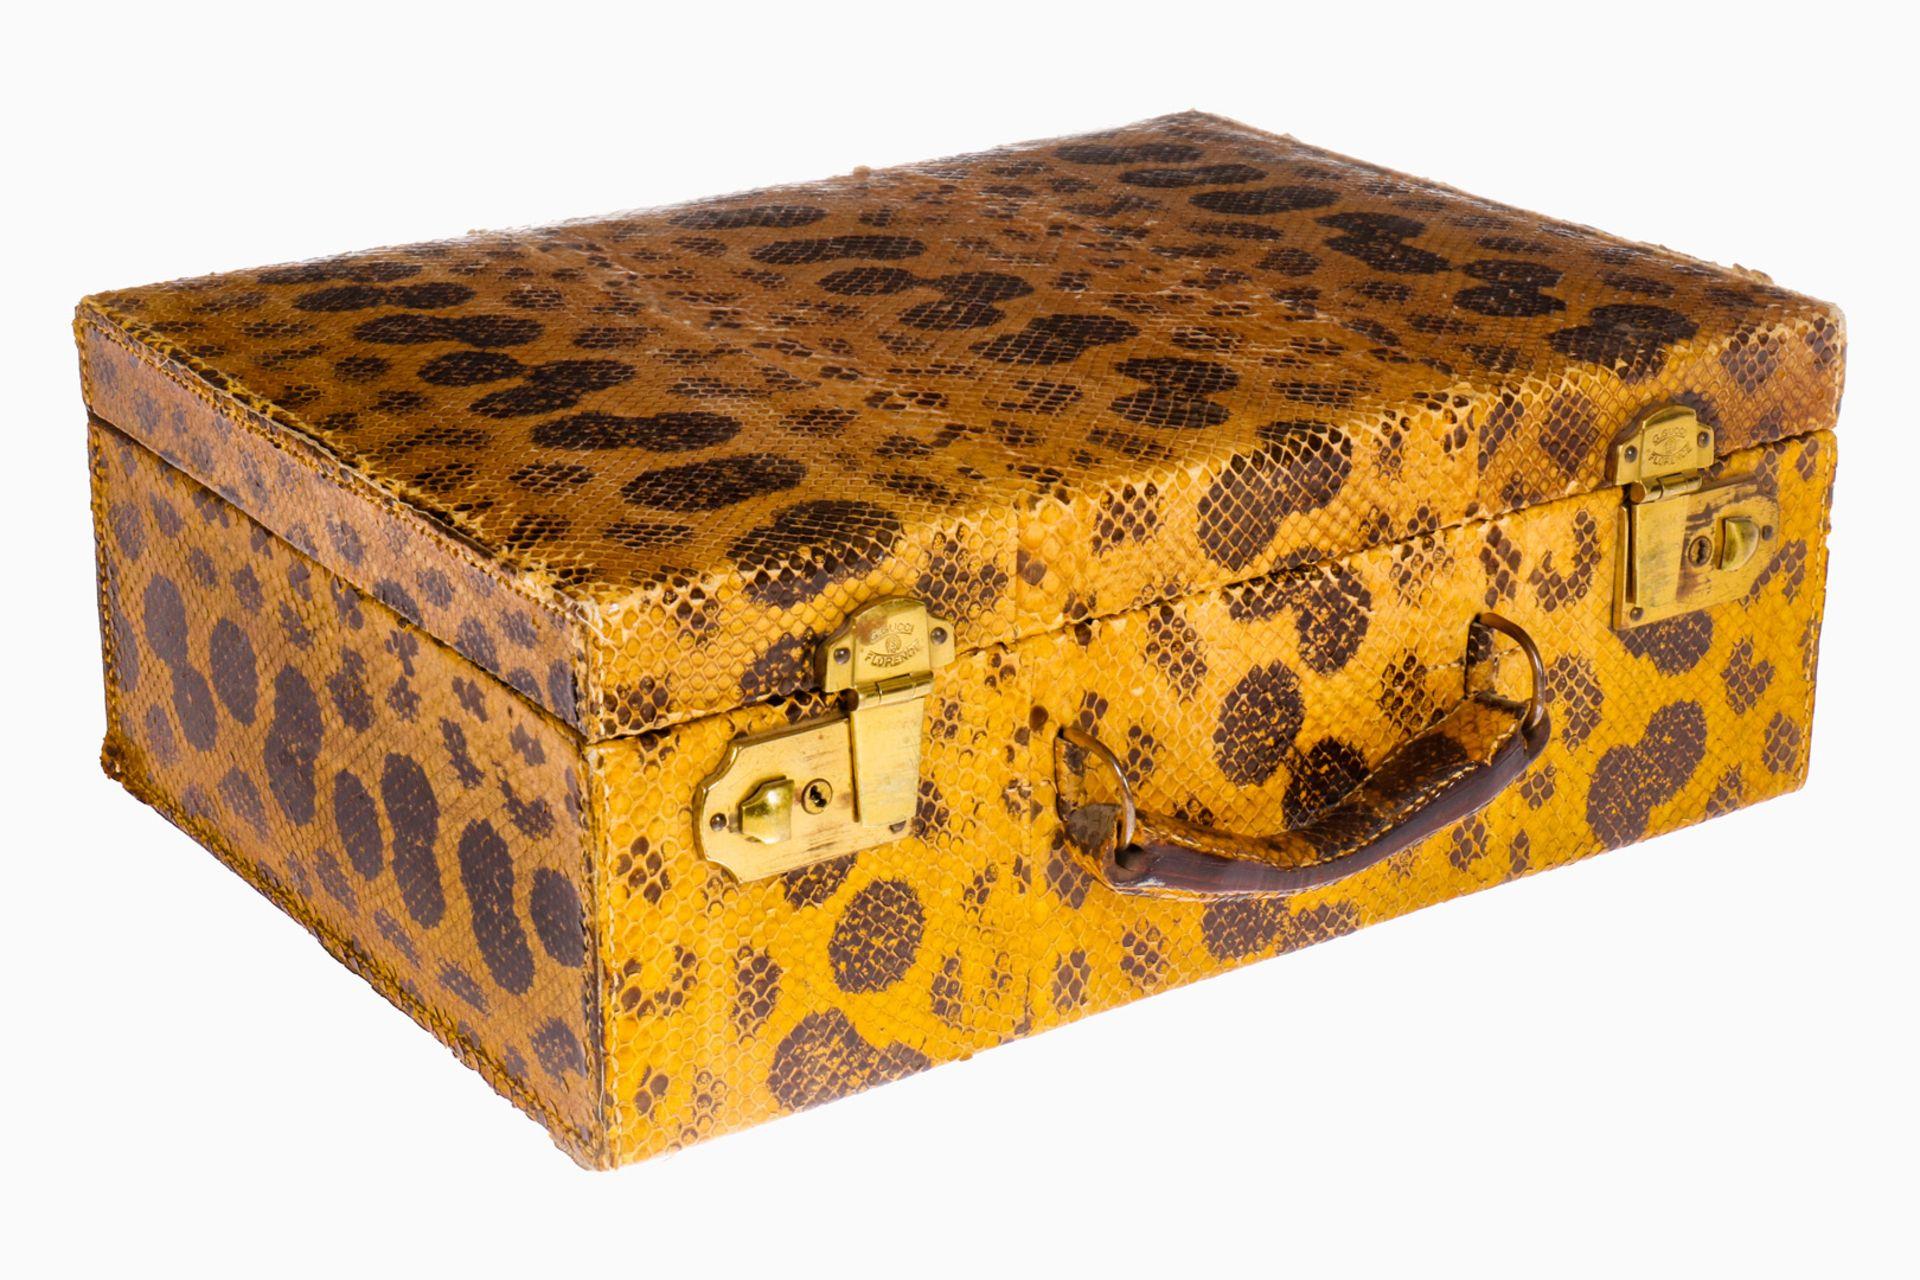 Gucci Schmuckkoffer, bezogen mit Schlangenhaut, Inneneinrichtung aus Leder, mit doppeltem Boden,